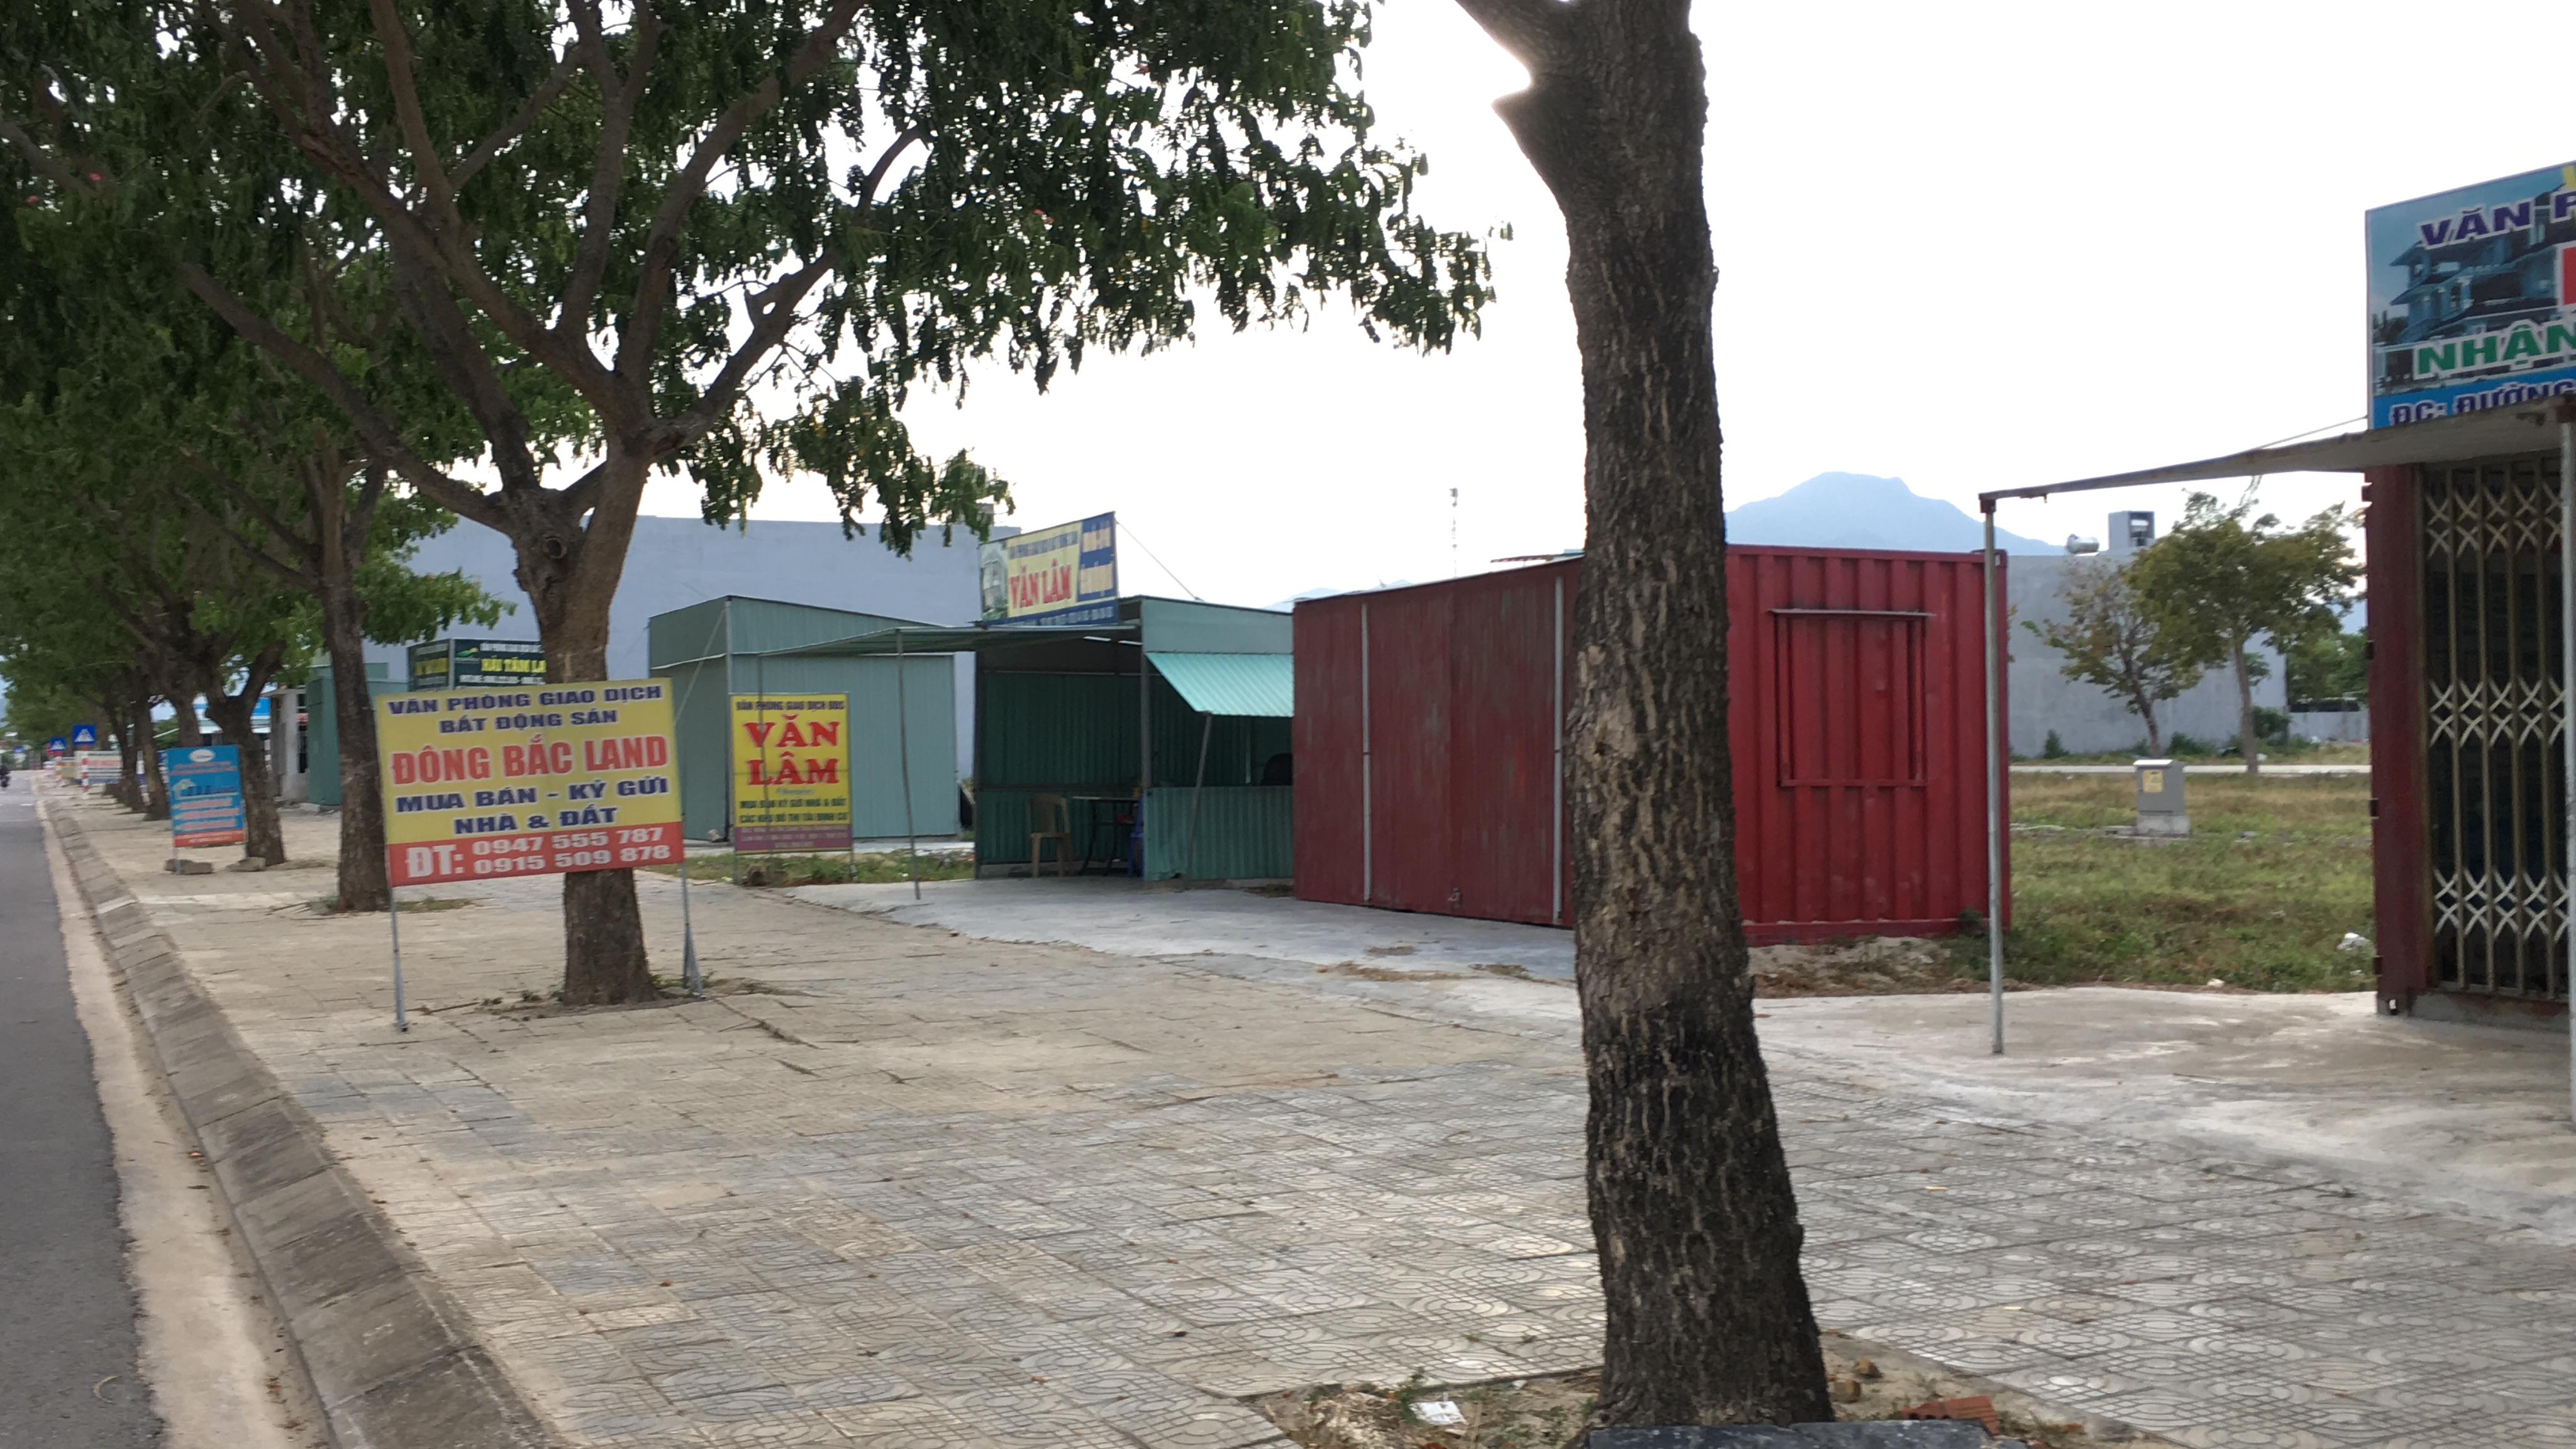 Đất nền Đà Nẵng giảm cả tỉ đồng nhưng không ai mua, các ki ốt bất động sản bỏ hoang, bụi phủ đầy - Ảnh 14.